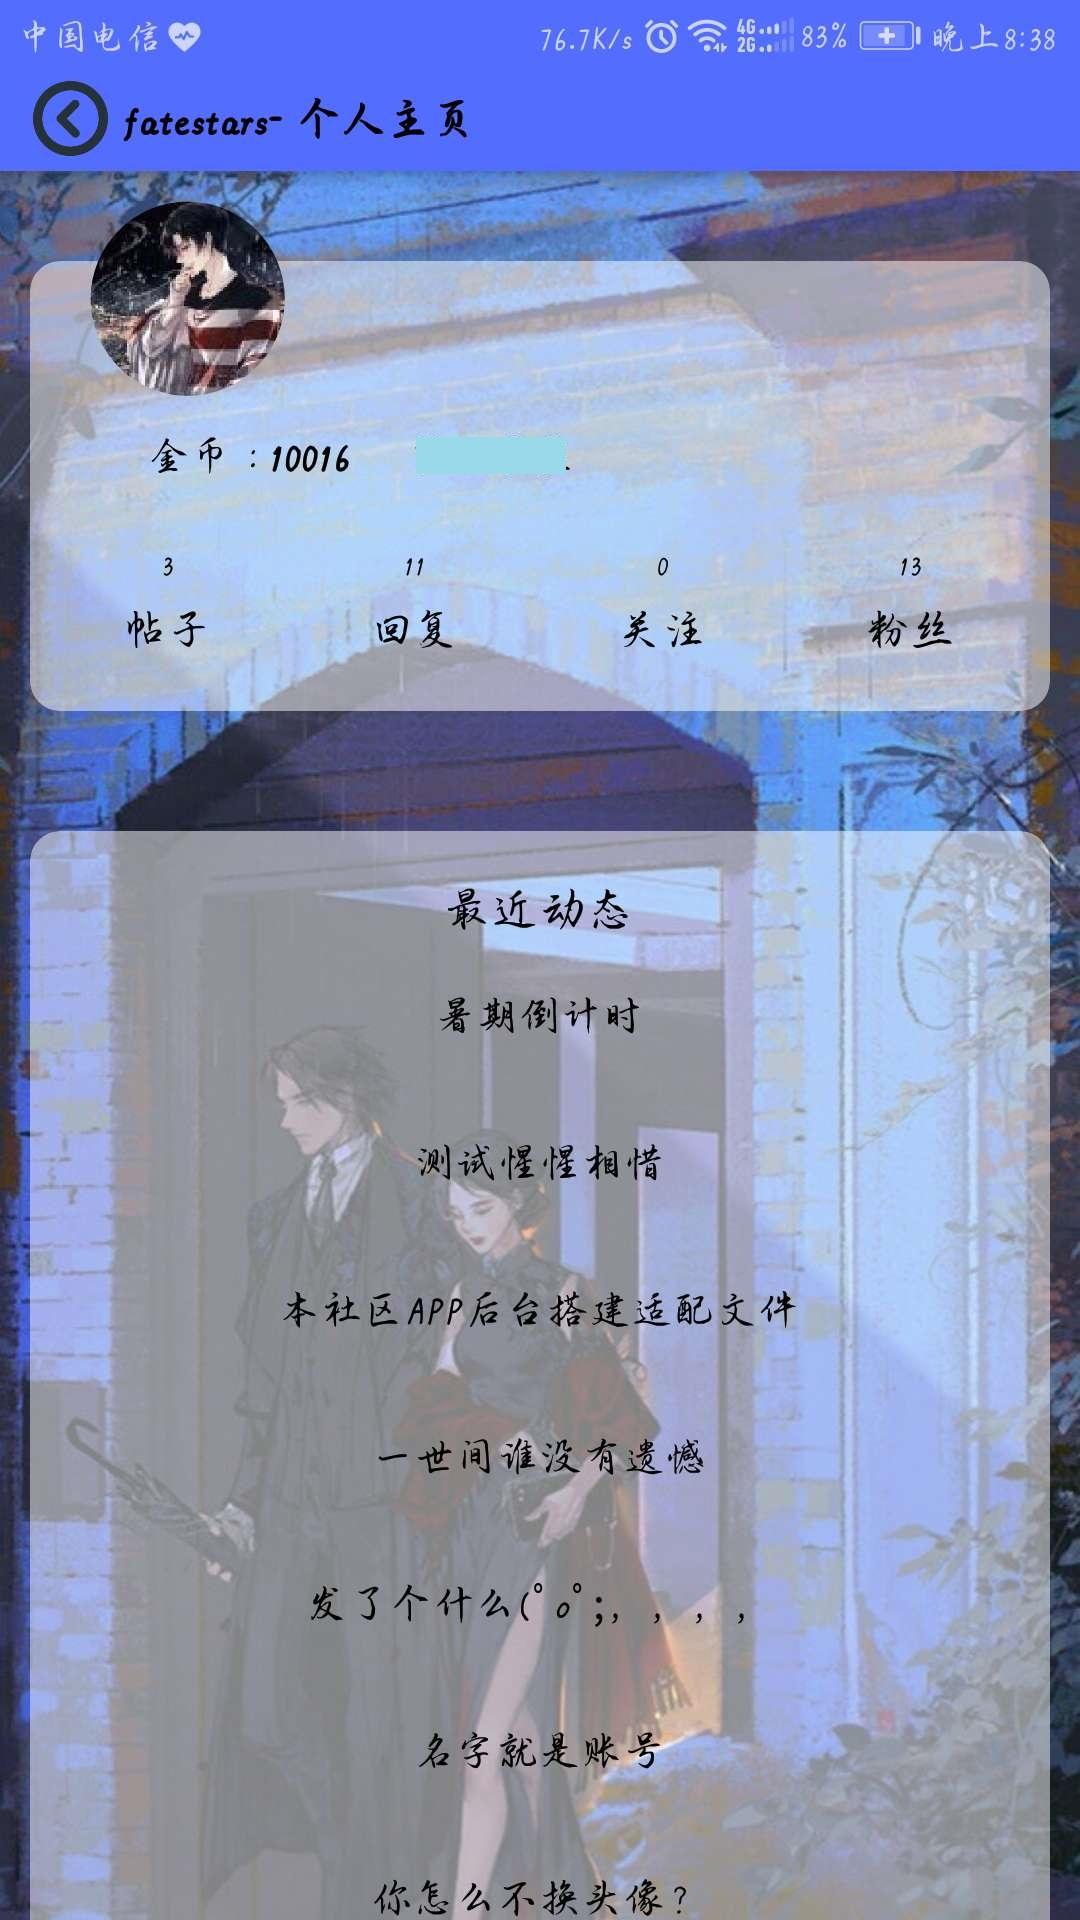 1619080111-e99c212ab3660a5.jpg